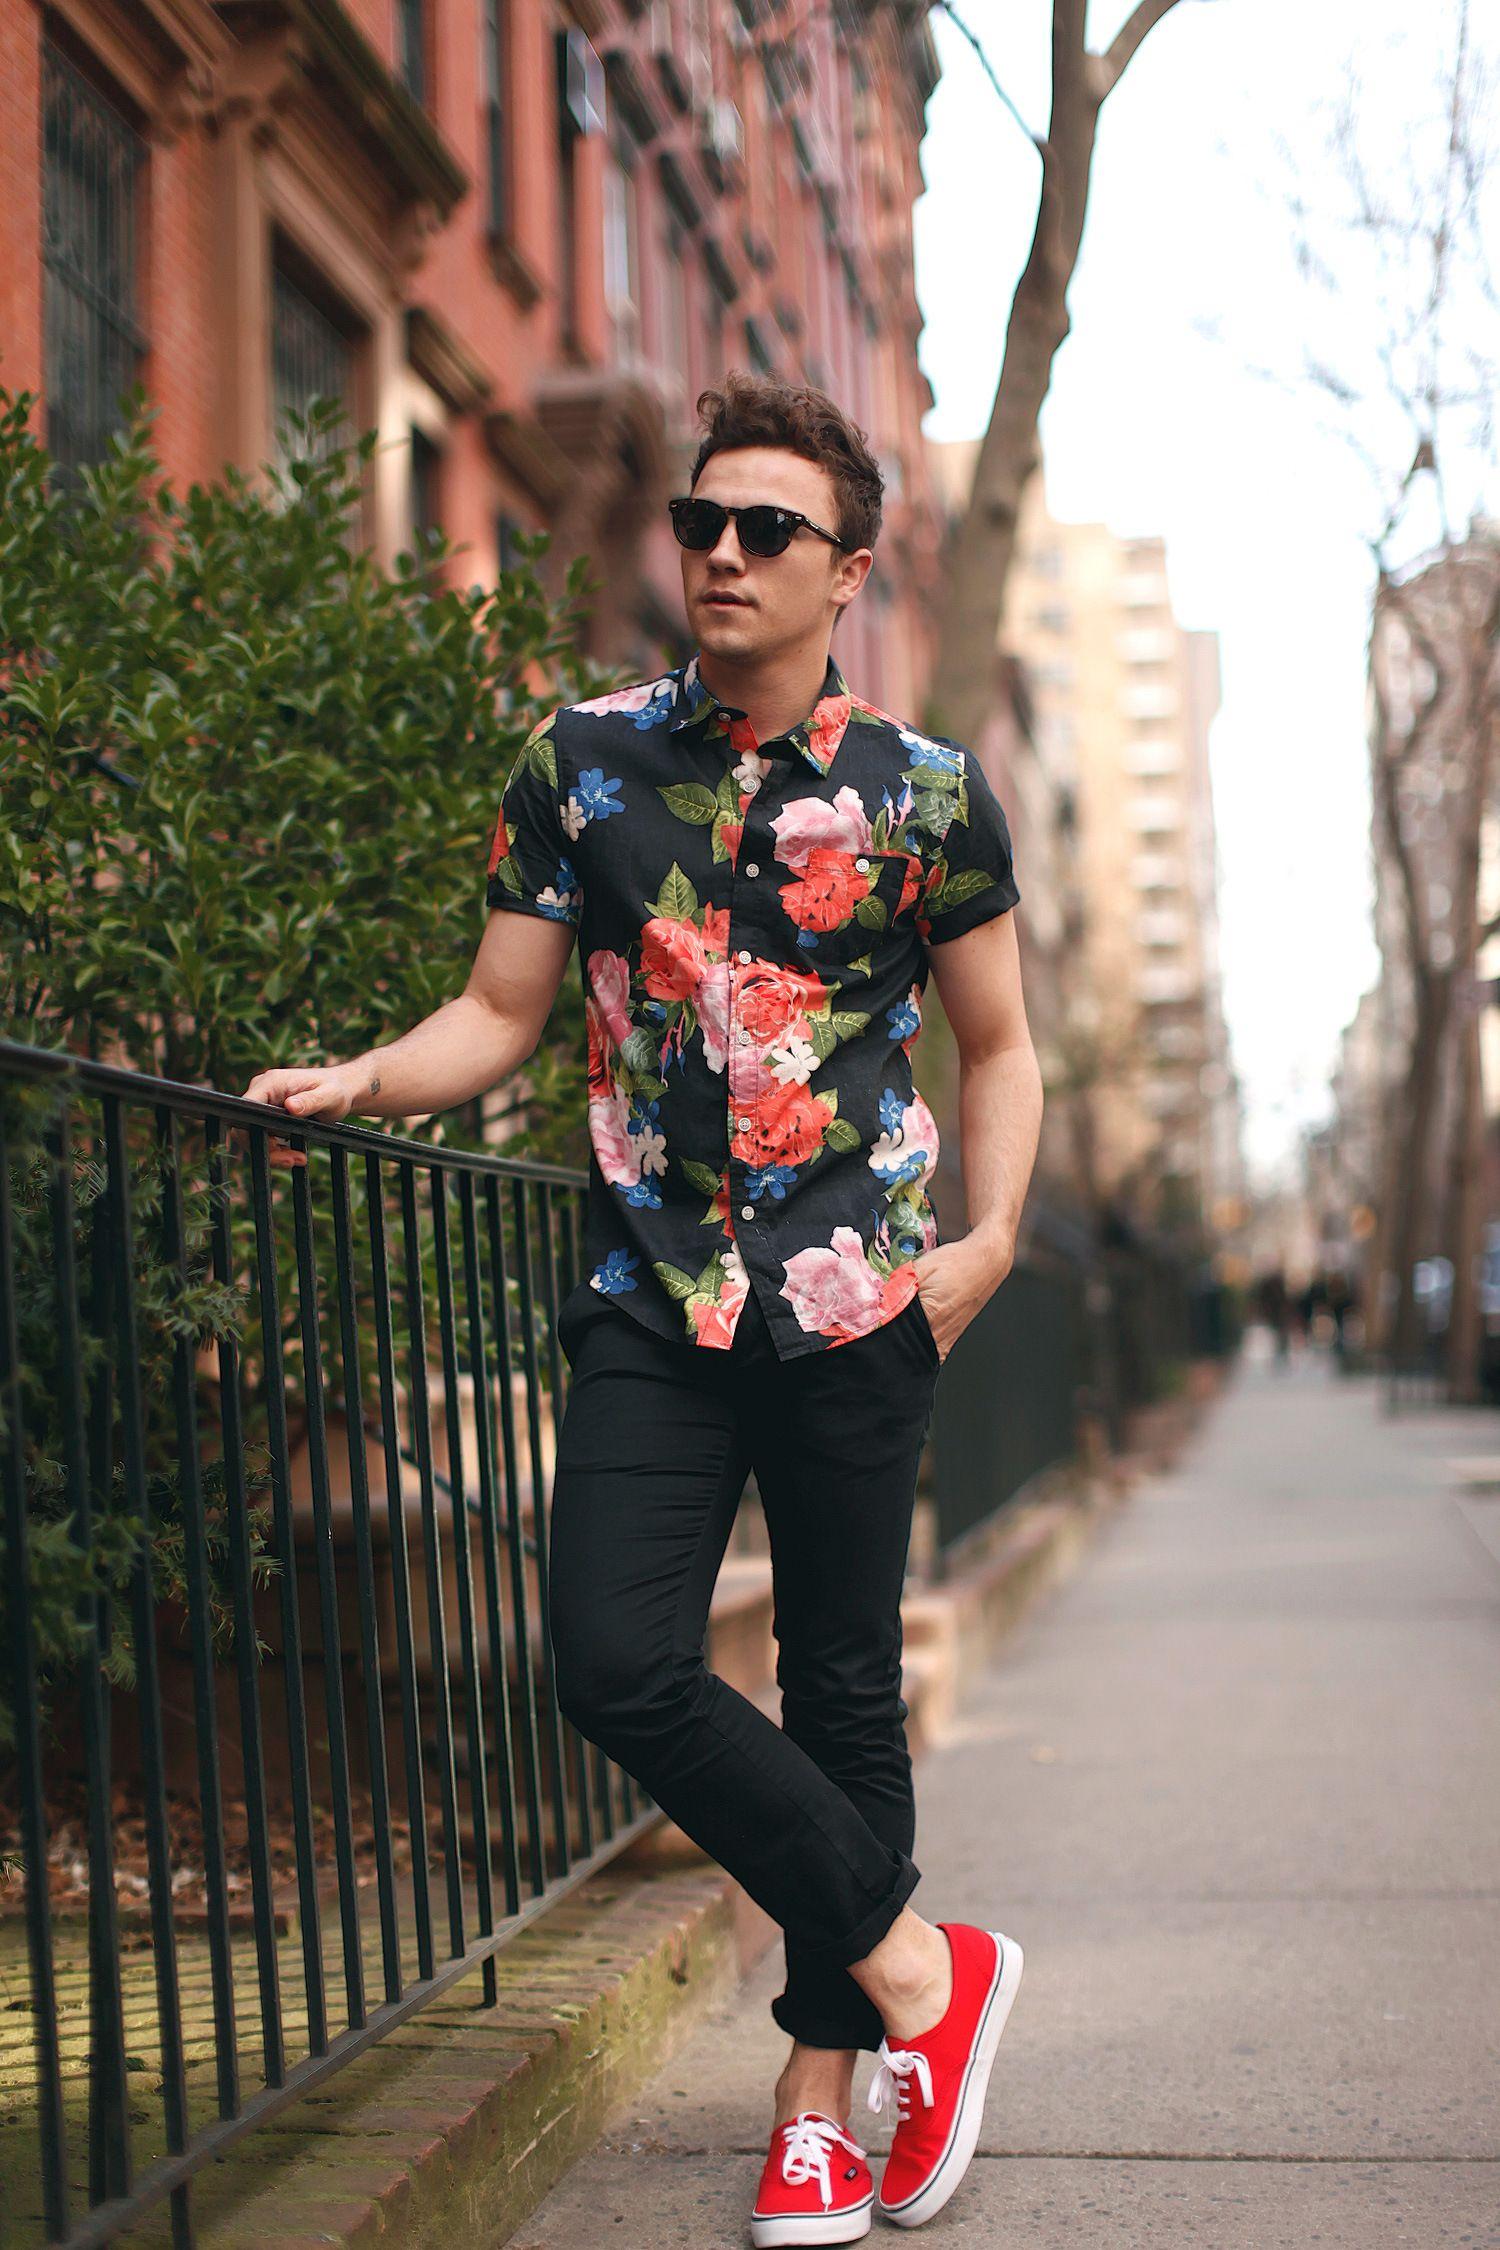 Este tipo de ropa se hace para el verano. Se lleva durante esta temporada. bc1312bd8aa